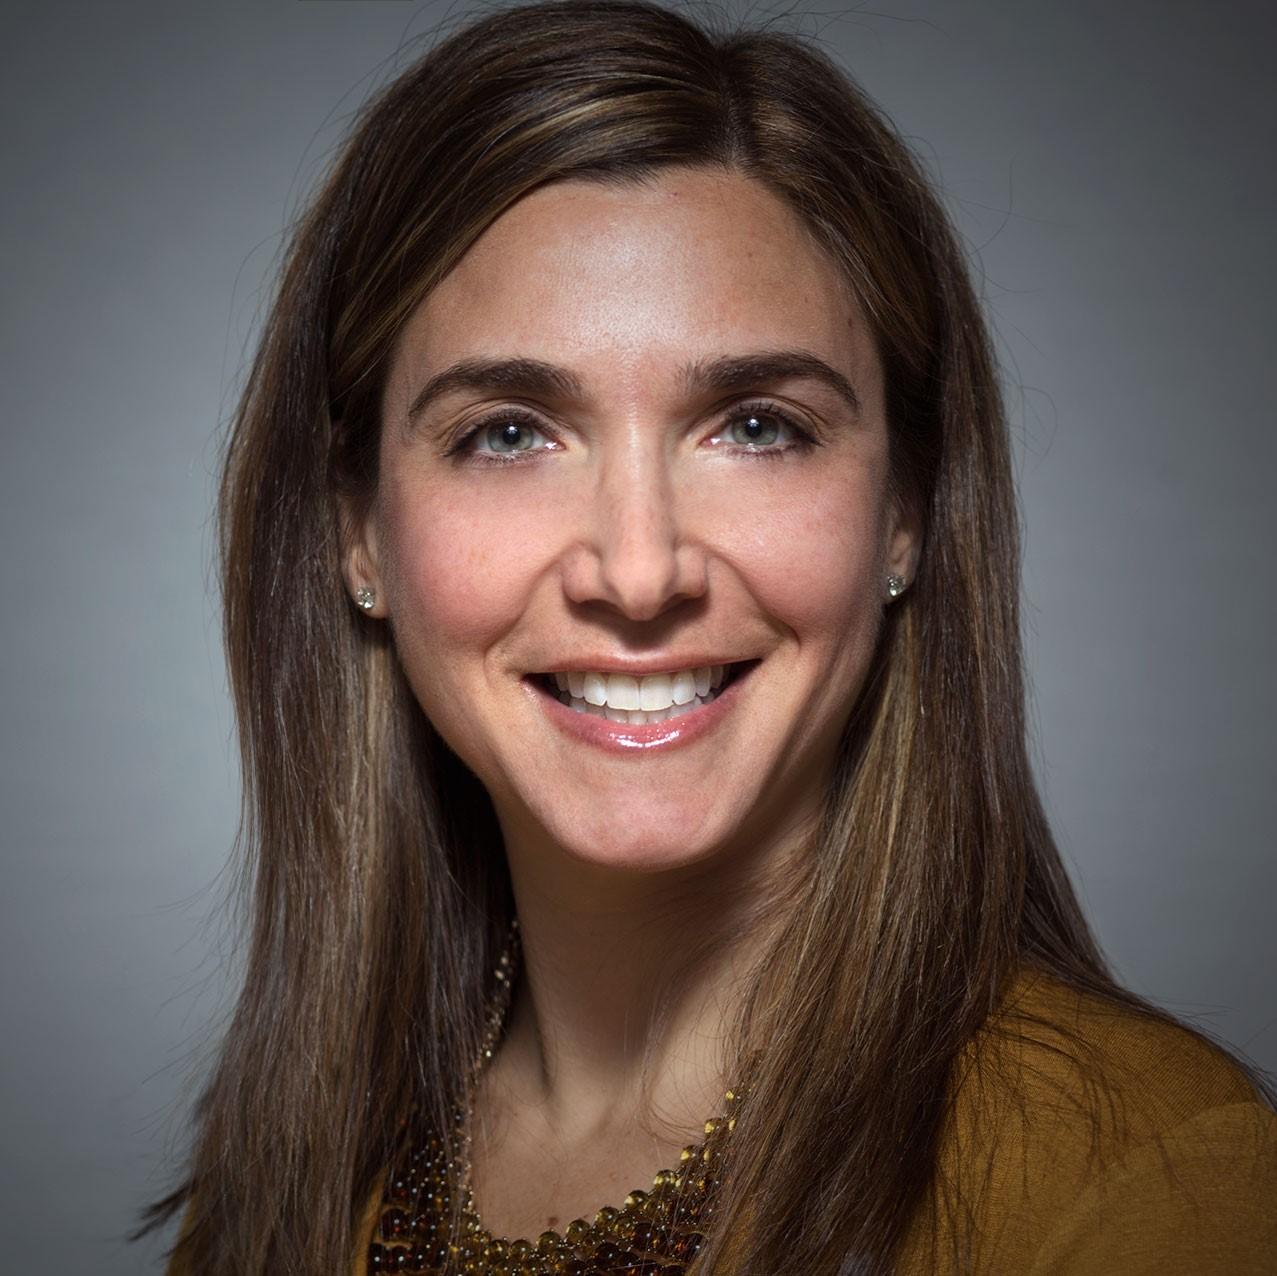 Michelle Coviello